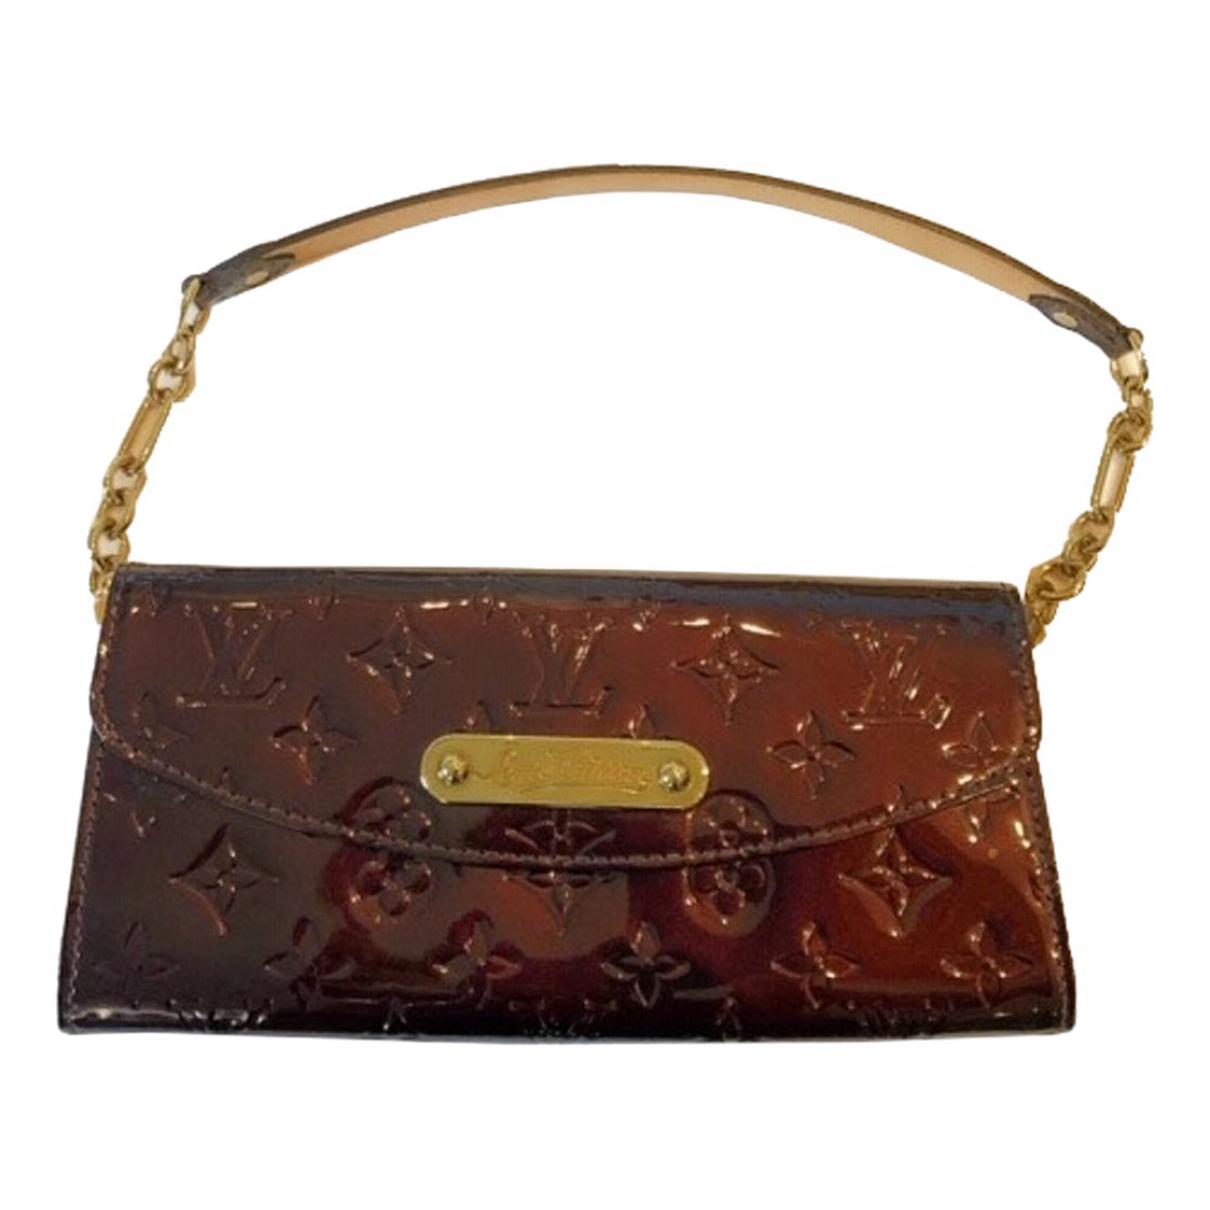 Louis Vuitton - Pochette Sunset Boulevard pour femme en cuir verni - marron